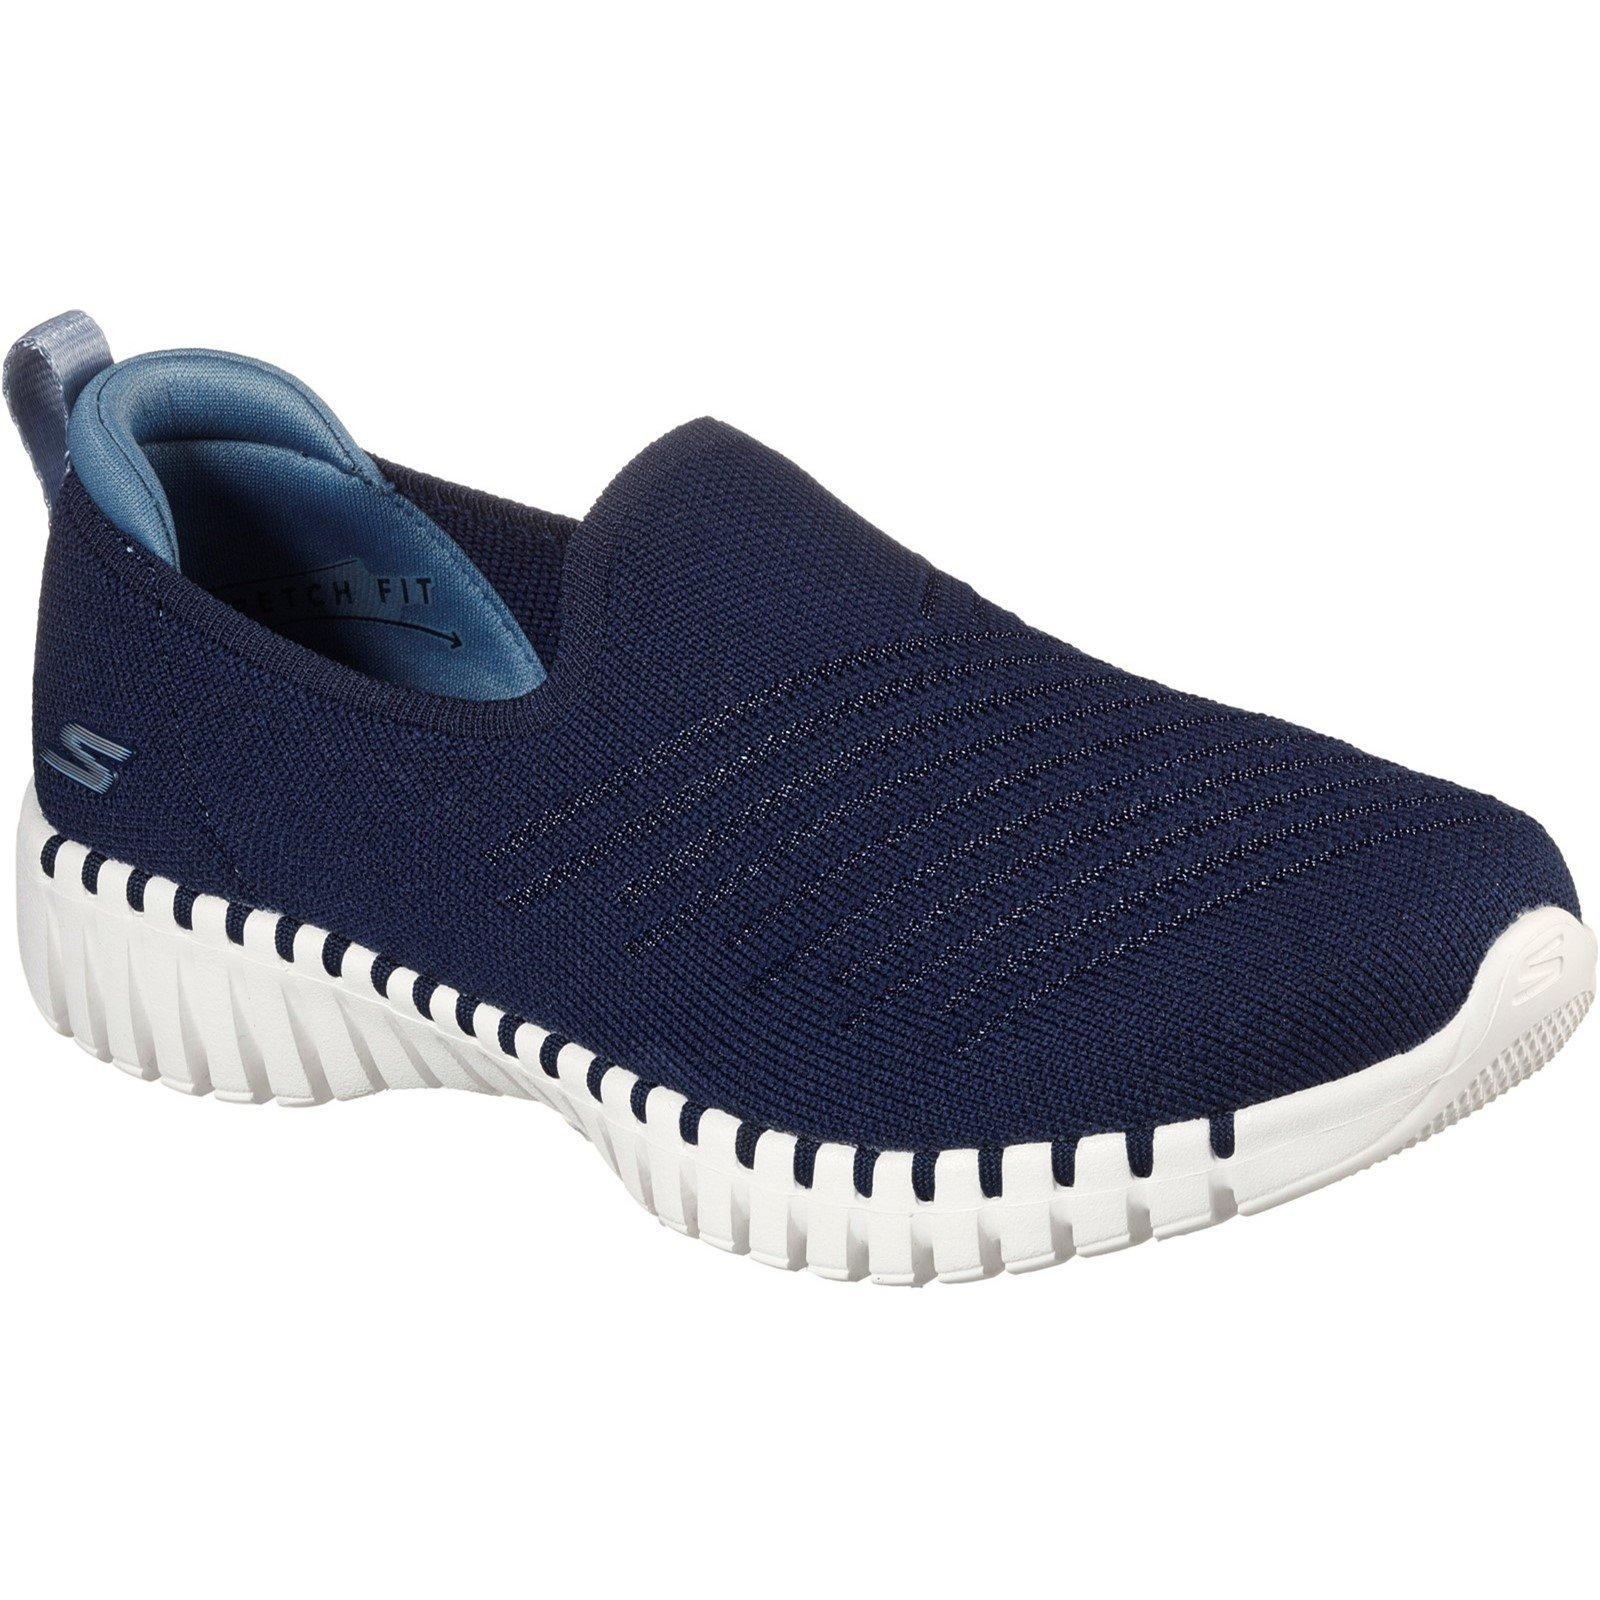 Skechers Women's Go Walk Smart Brunch Slip On Trainer Various Colours 32146 - Navy/Blue 4